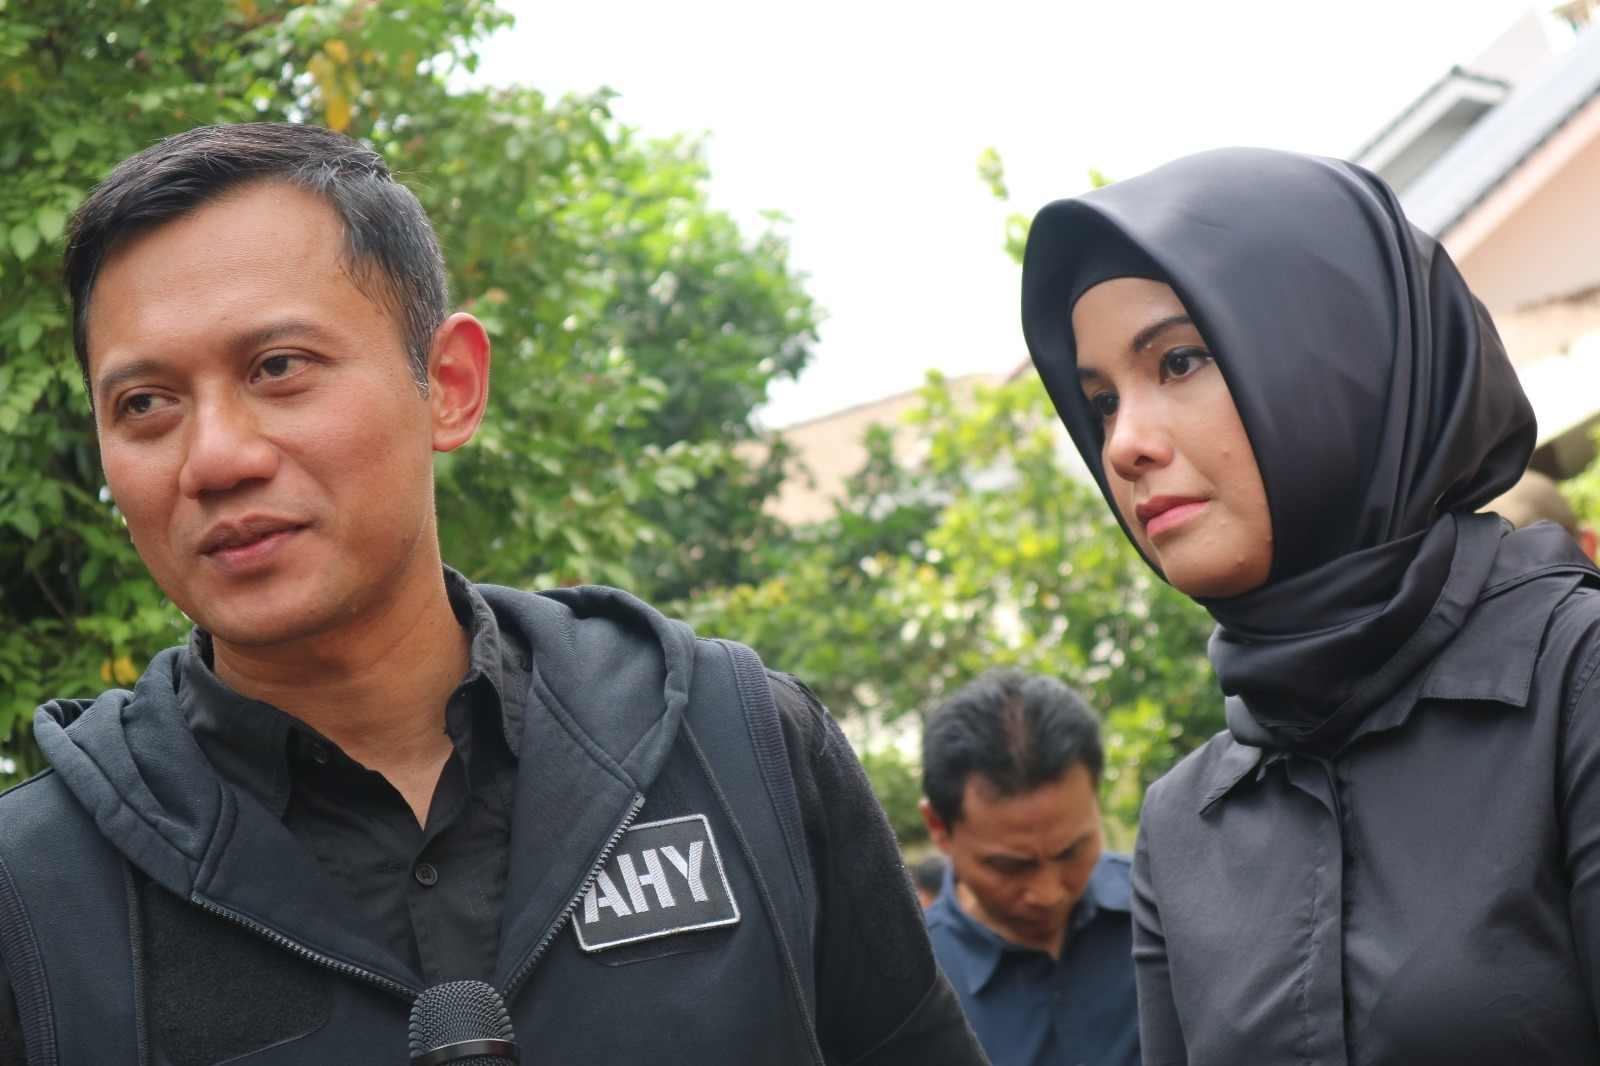 Agus Harimurti bersama istrinya Annisa Pohan saat di TPS, Rabu (15/2). Foto oleh Sakinah Ummu Haniy/Rappler